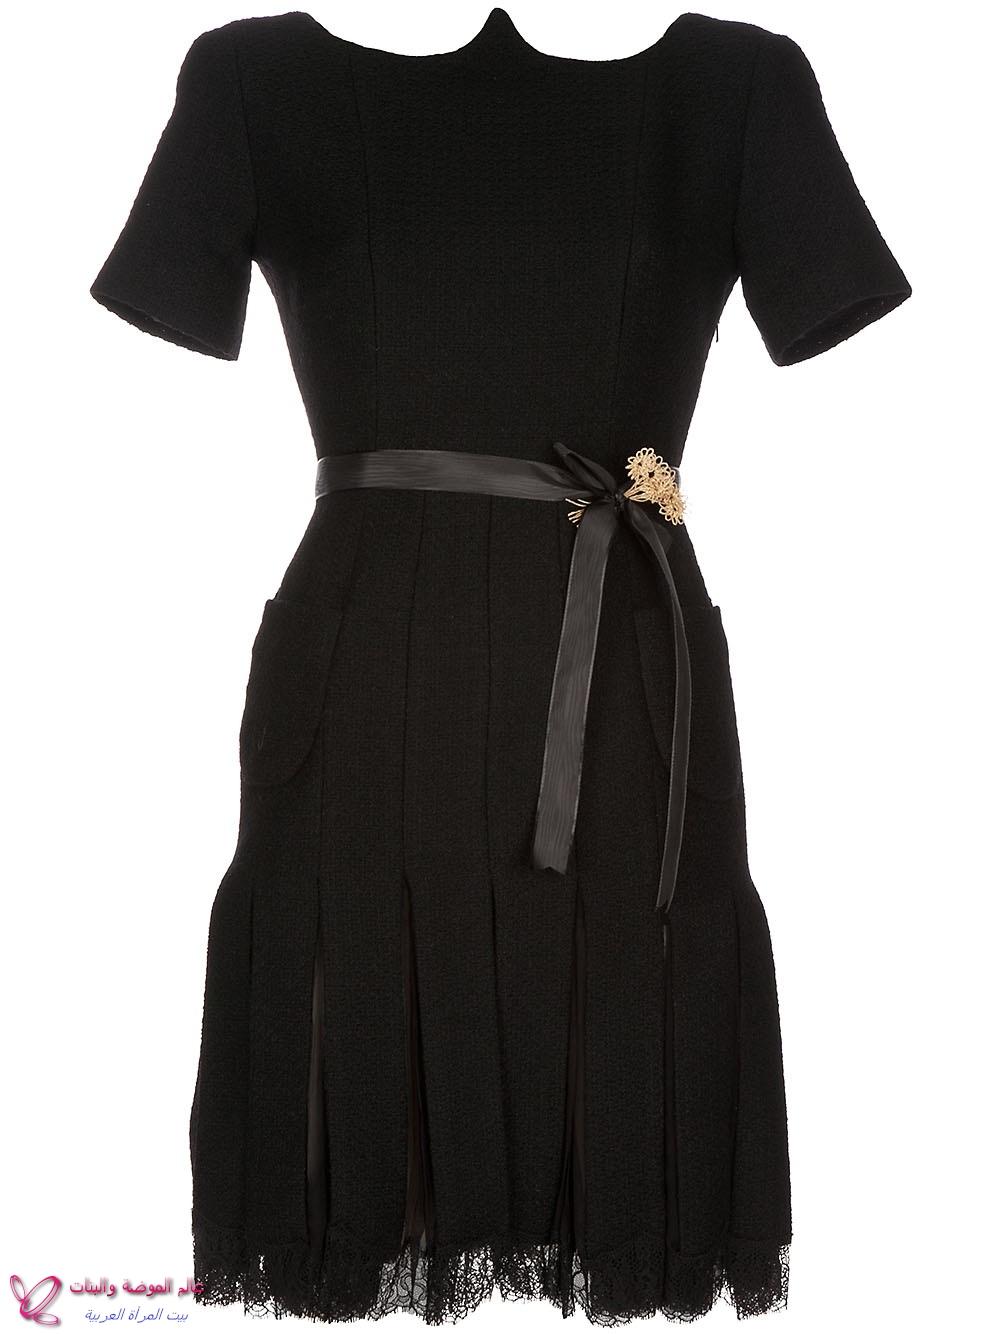 بالصور صور فساتين قصيره , اجمل موديلات الفساتين 958 5